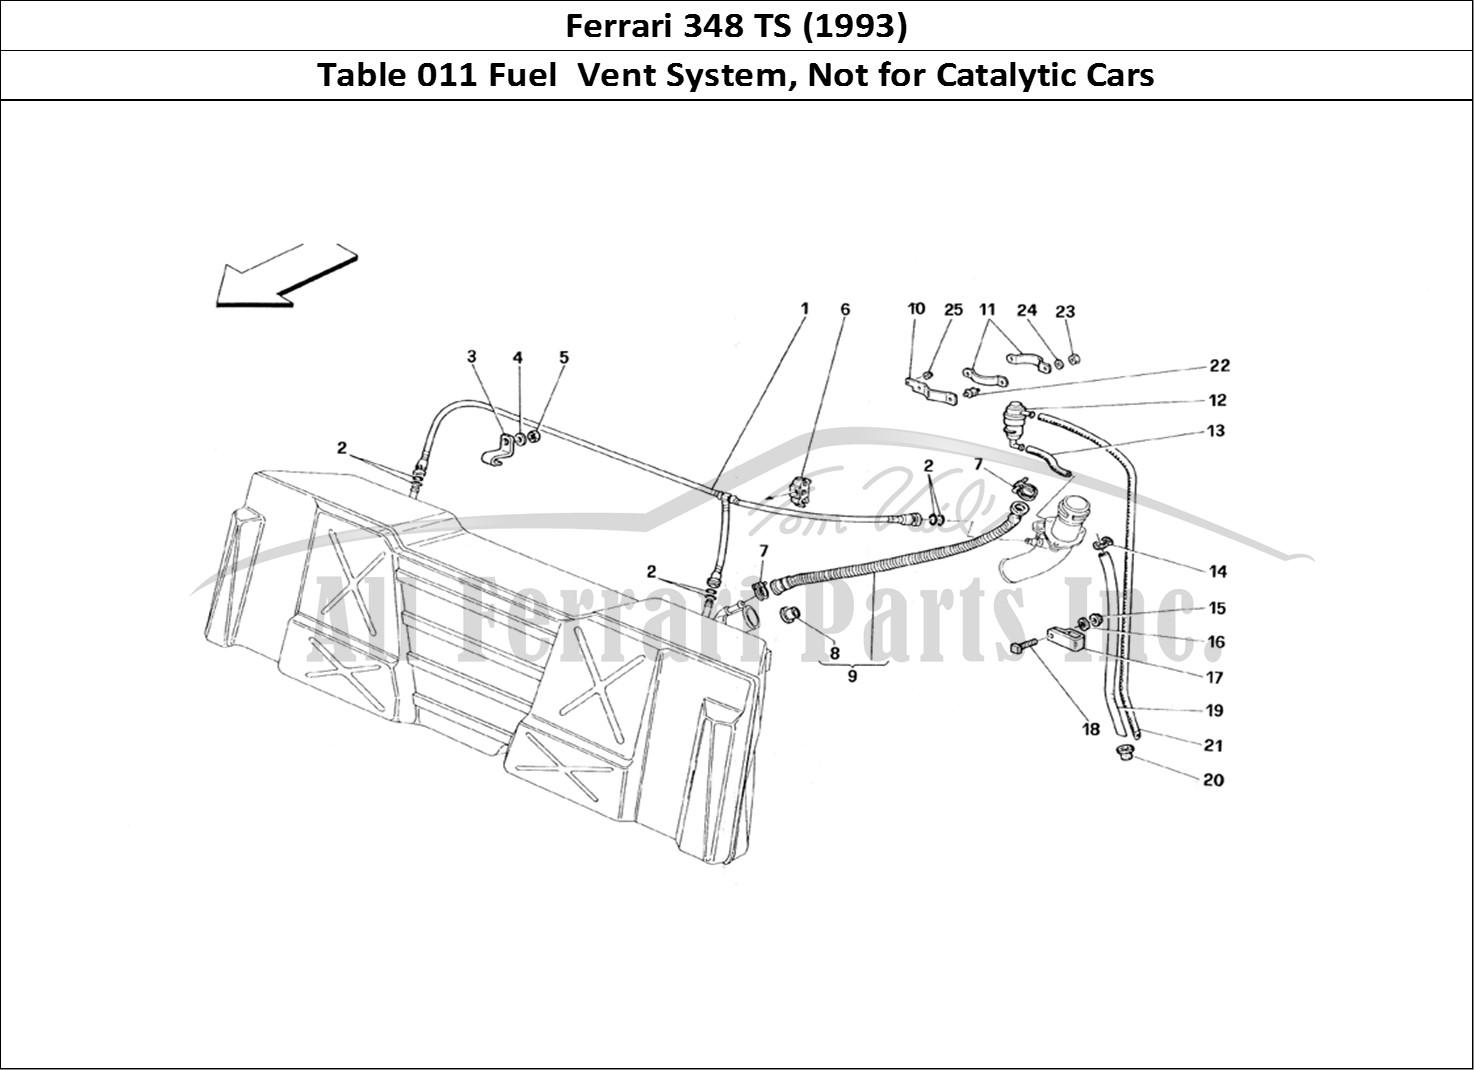 Buy original Ferrari 348 TS (1993) 011 Fuel Vent System